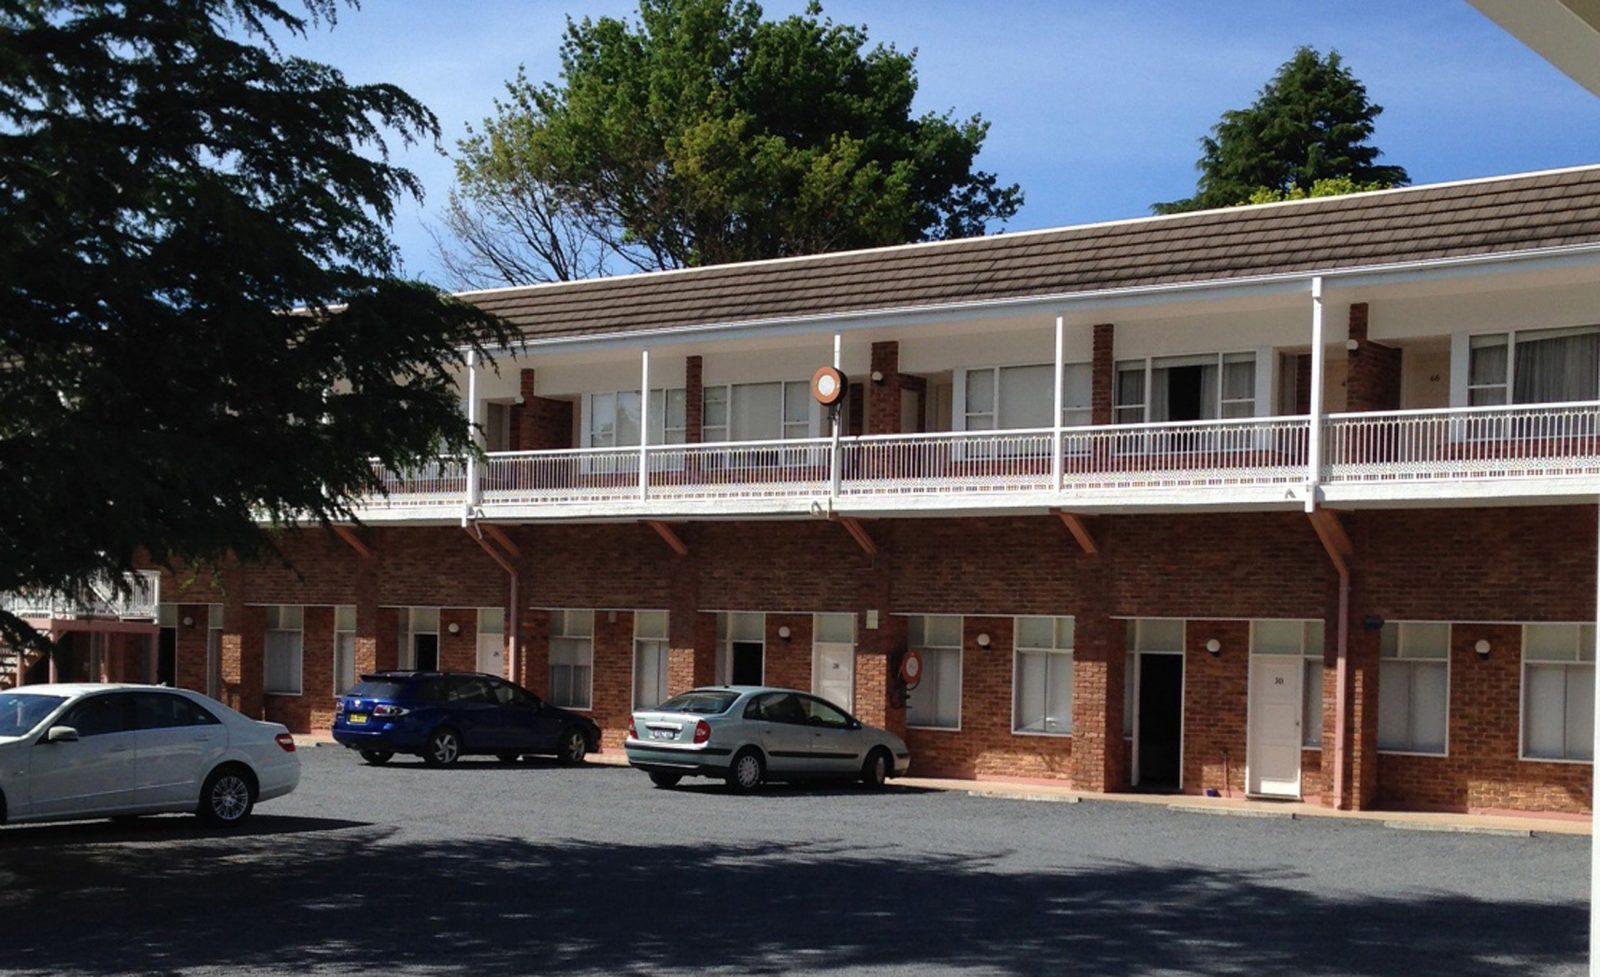 Oxley Motel Exterior